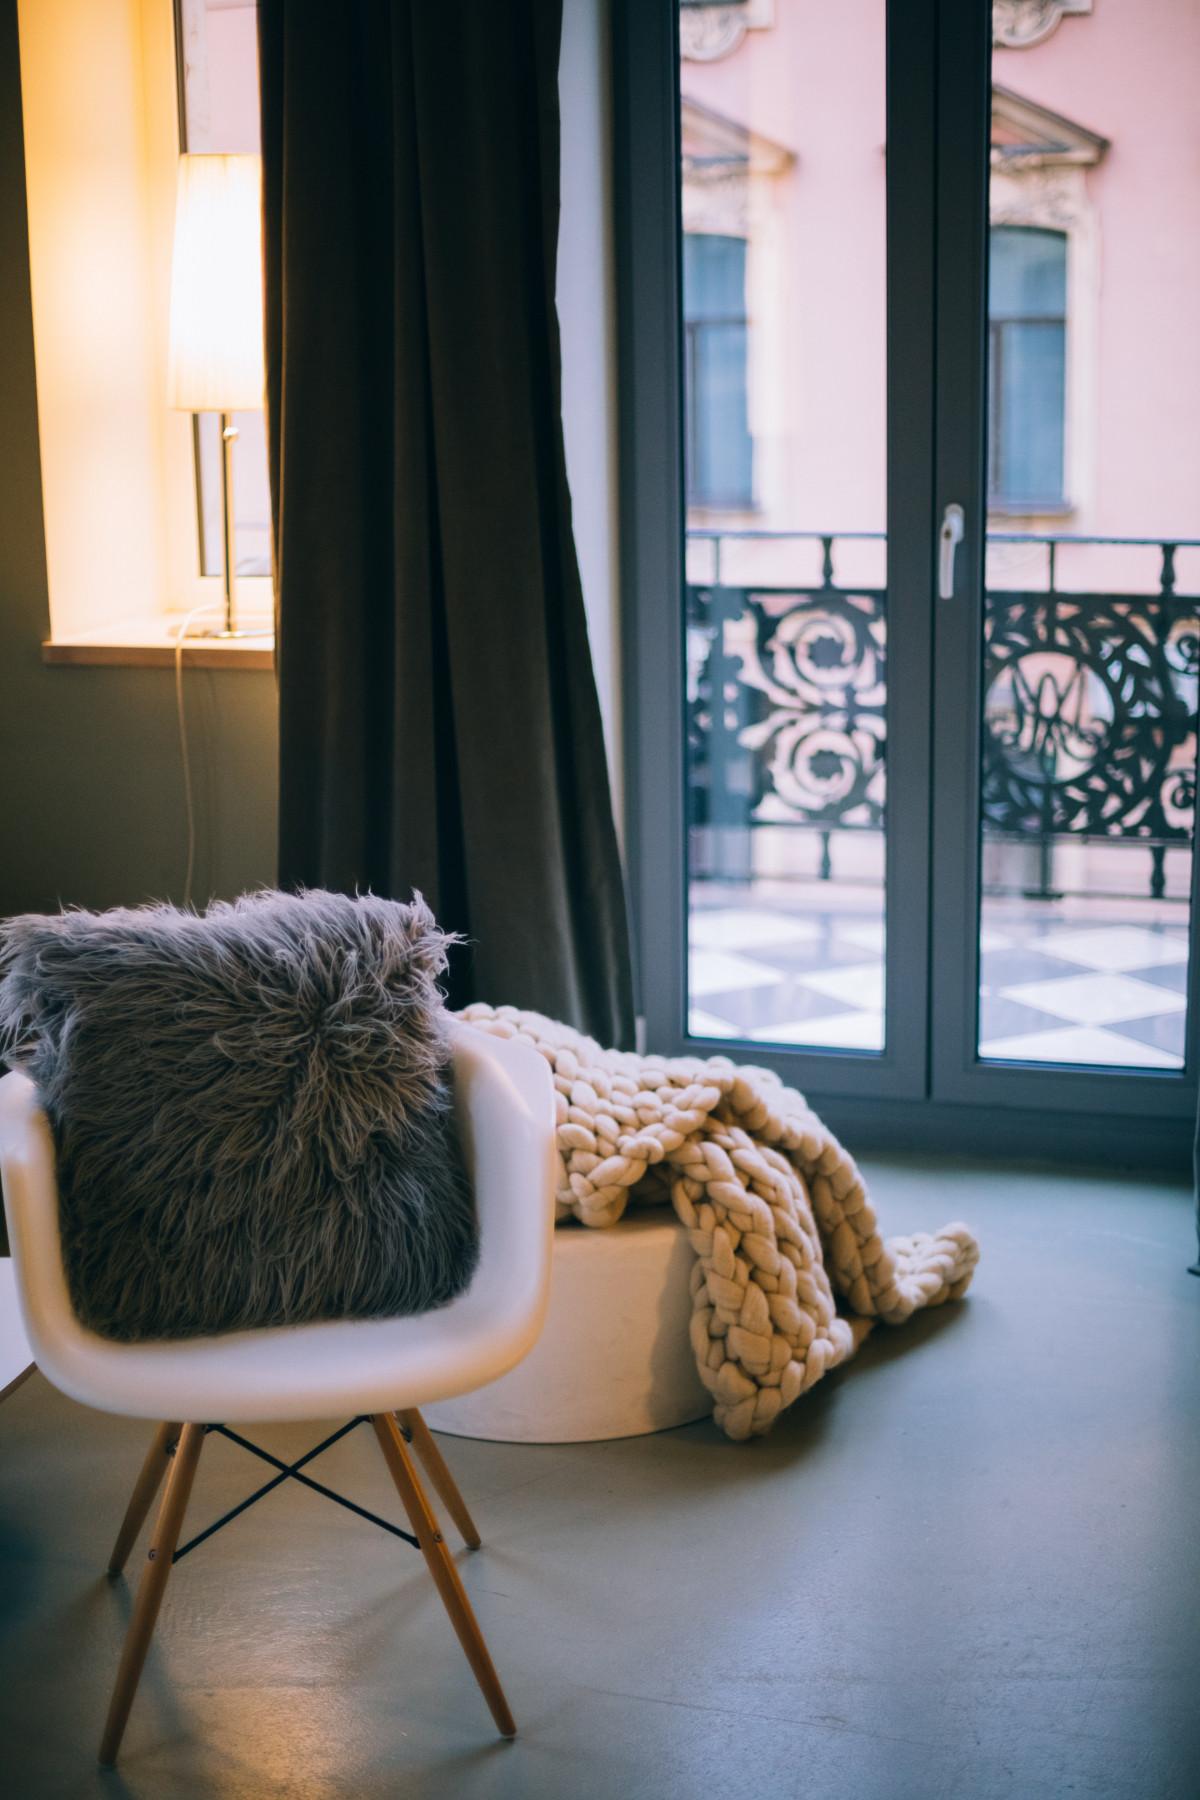 ac6d7fbdd256 nábytok izbu sediaci gauč stoličky Domov okno interiérový dizajn drevo  podlaha dievča textilné kožušina dom podlaha